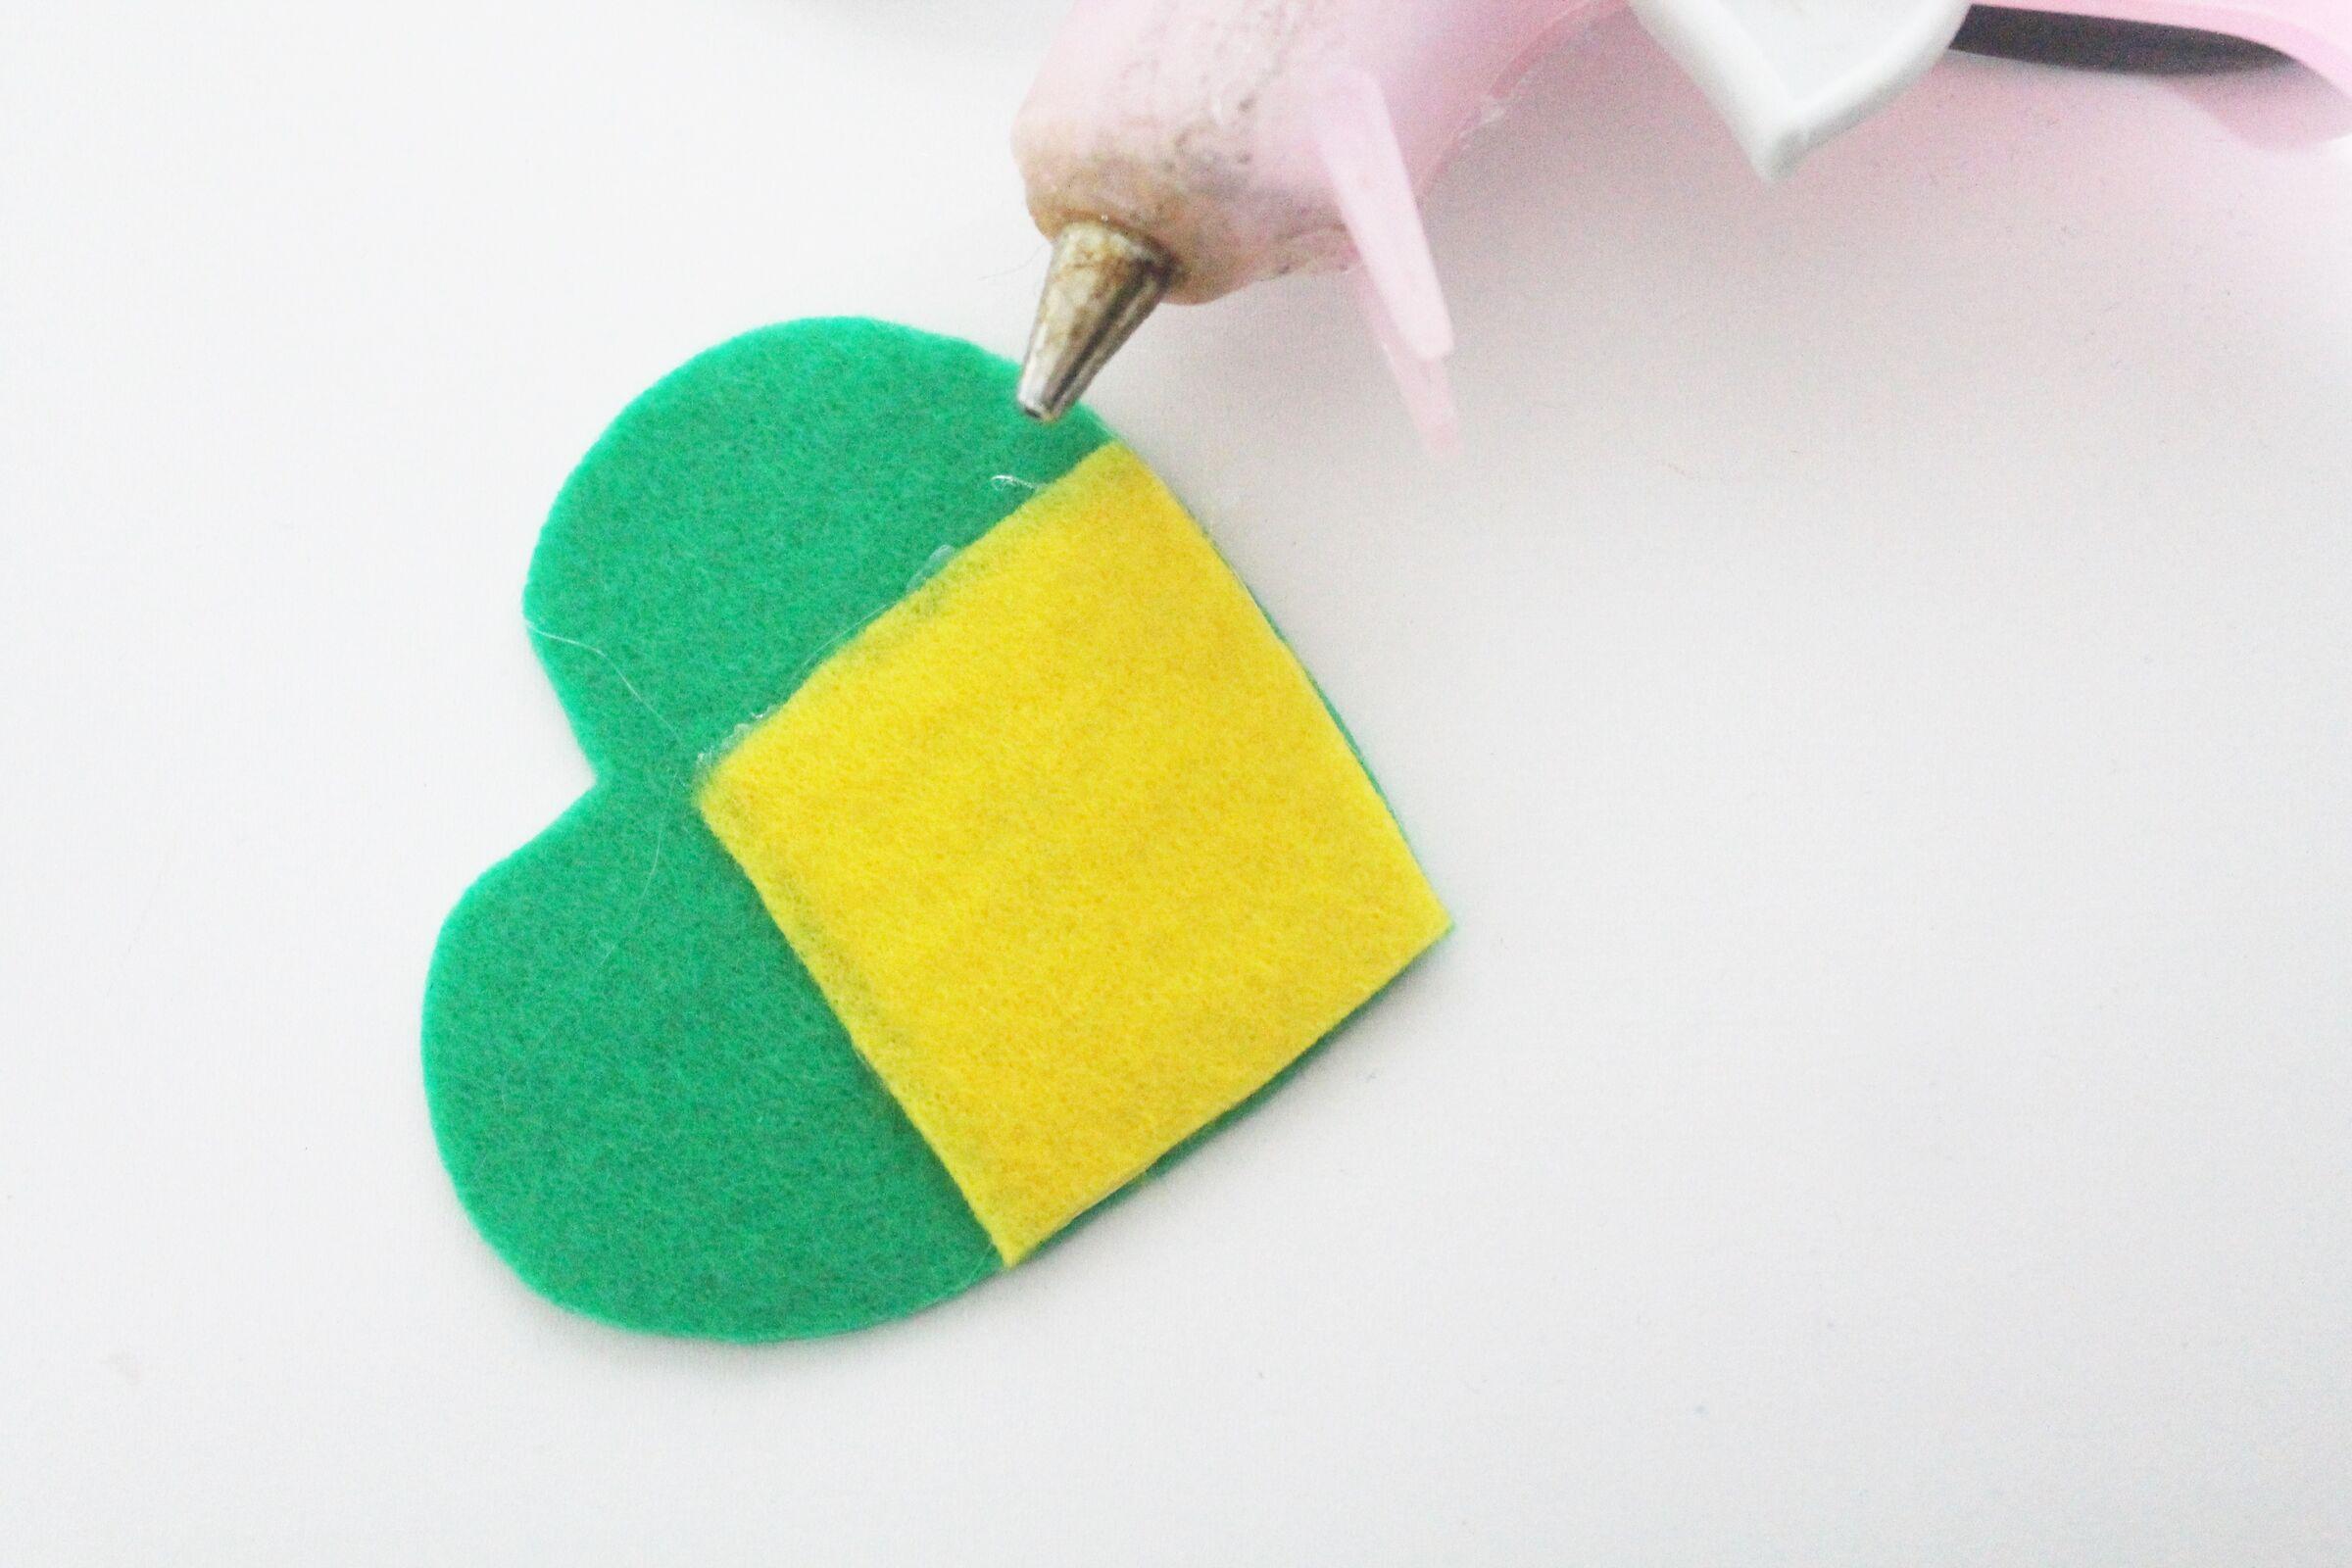 Recorte os excessos do feltro amarelo para que ele fique com o formato do feltro verde.